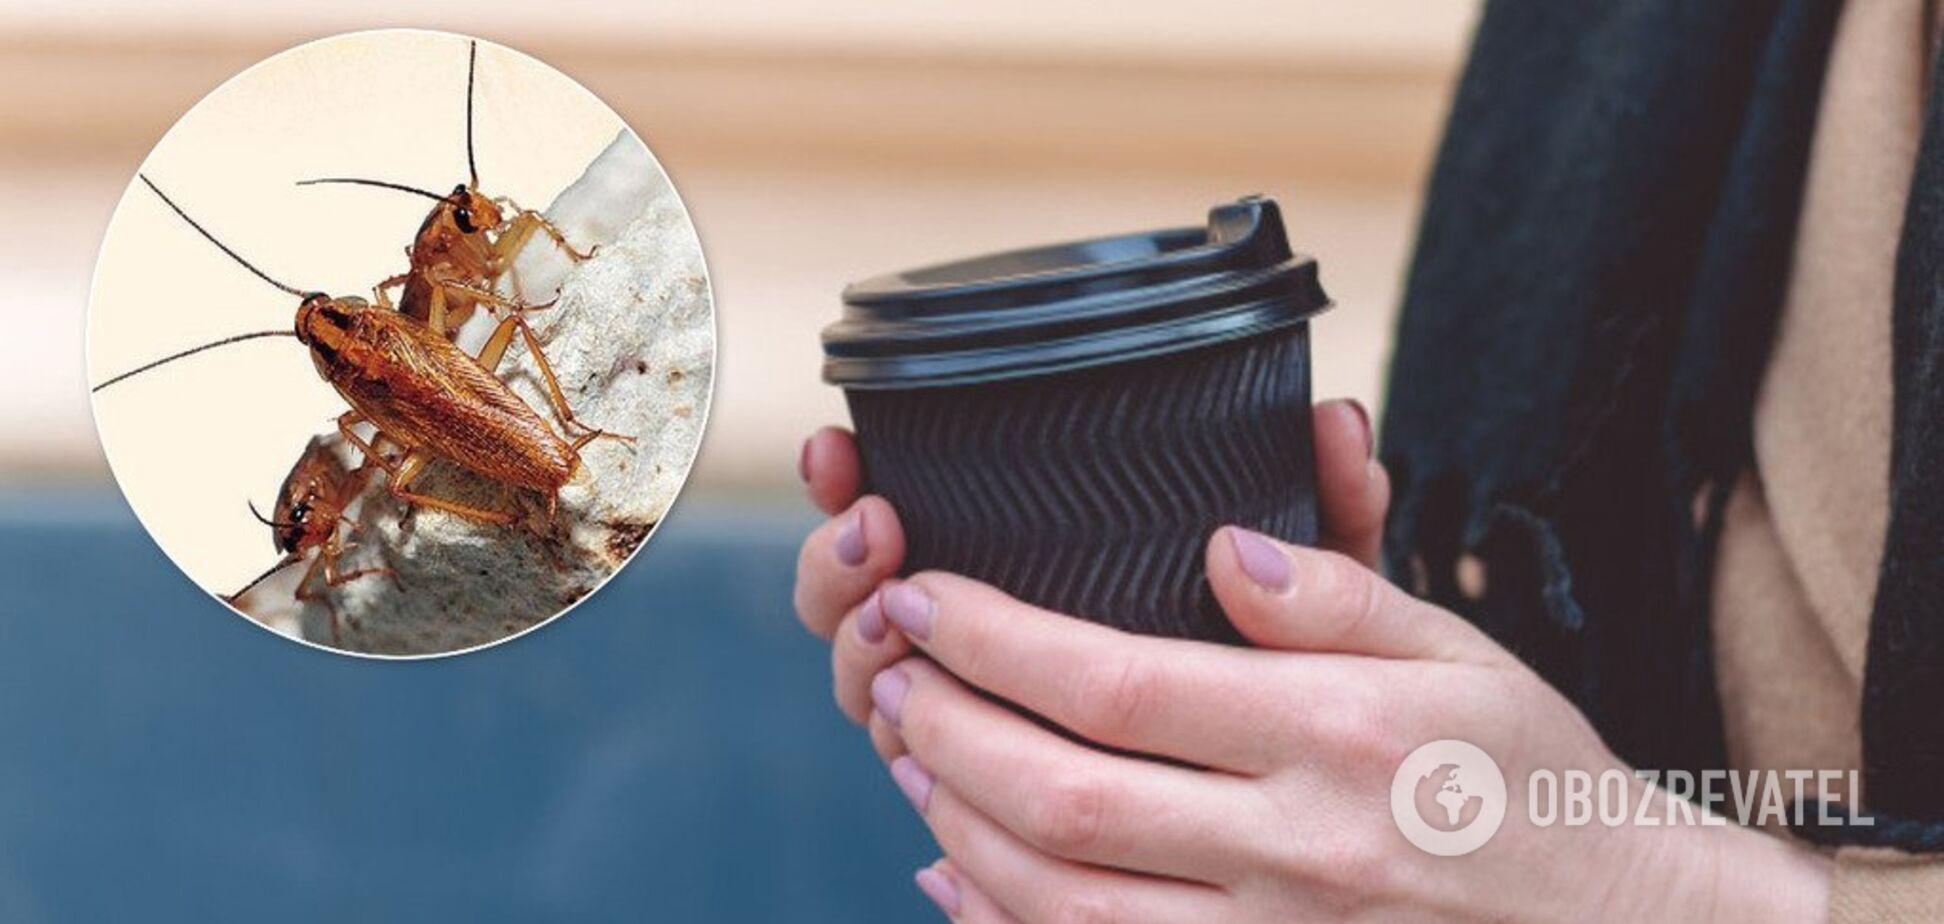 Какао с тараканами: популярная пиццерия Киева попала в громкий скандал. Фотофакт